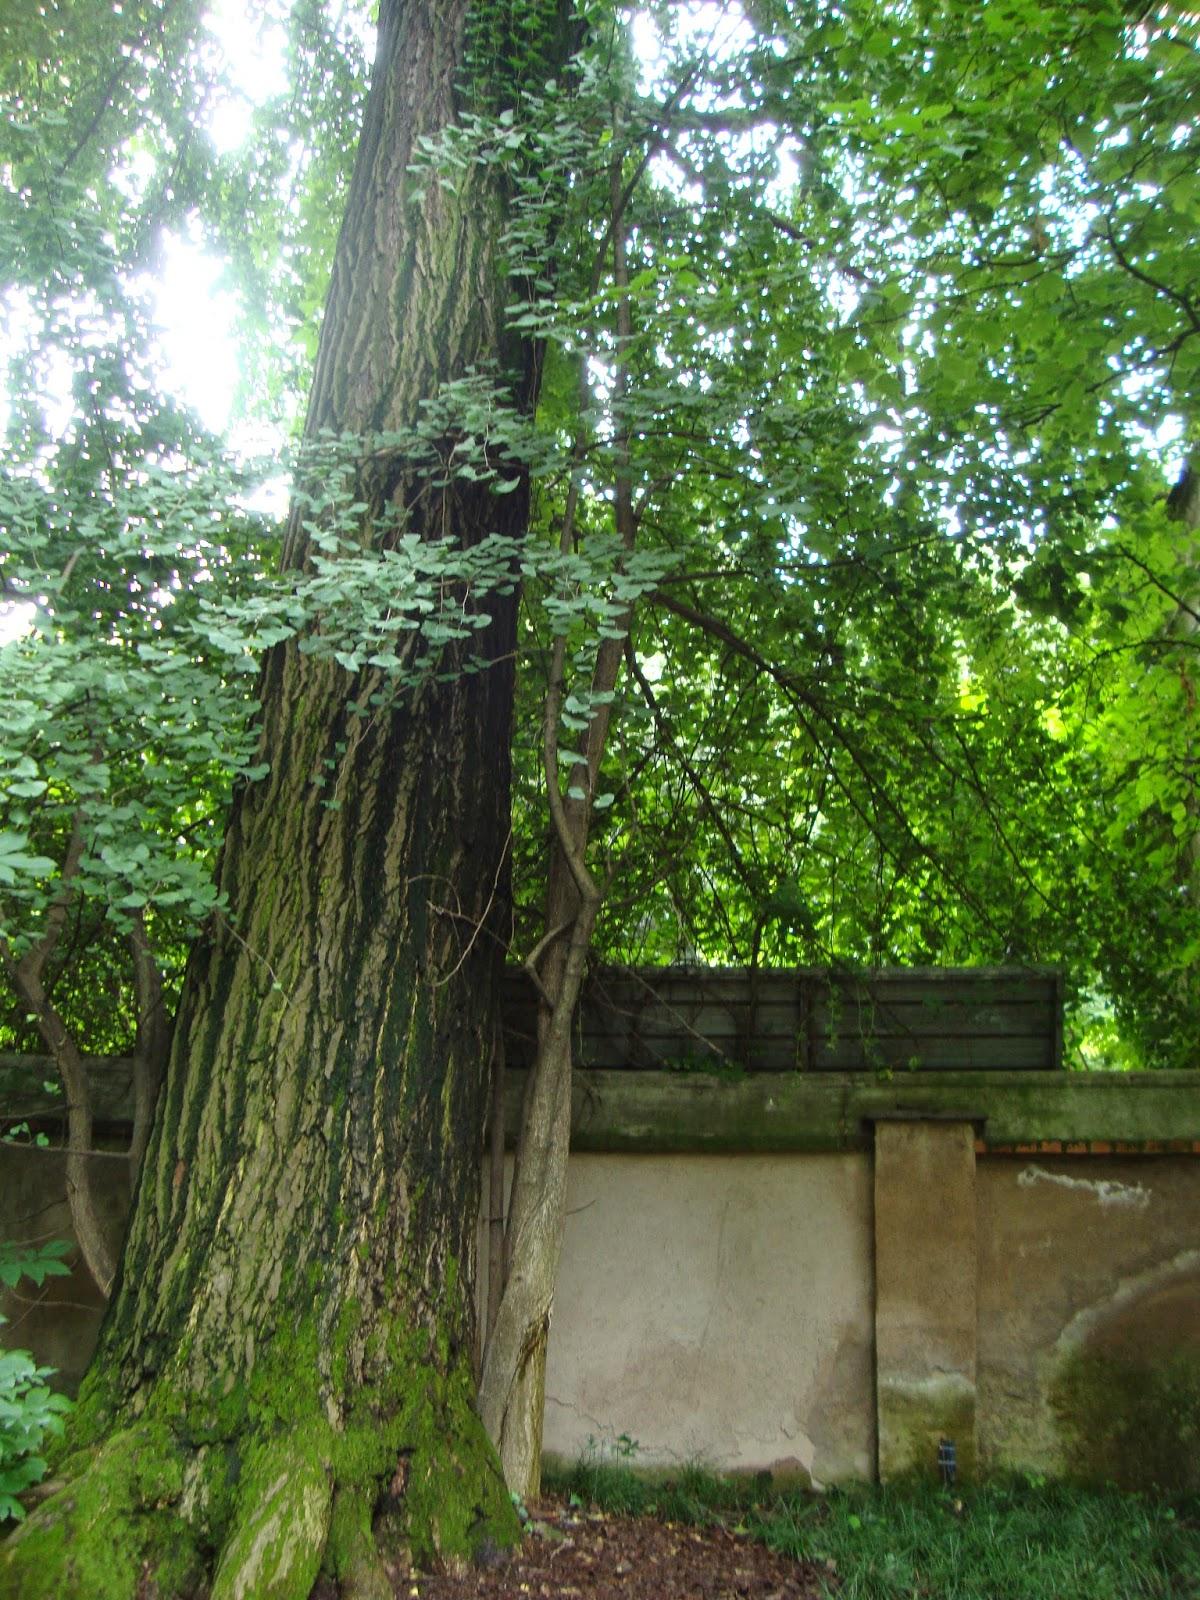 Un piccolo giardino in citt riconoscere gli alberi dalle - Alberi giardino piccolo ...